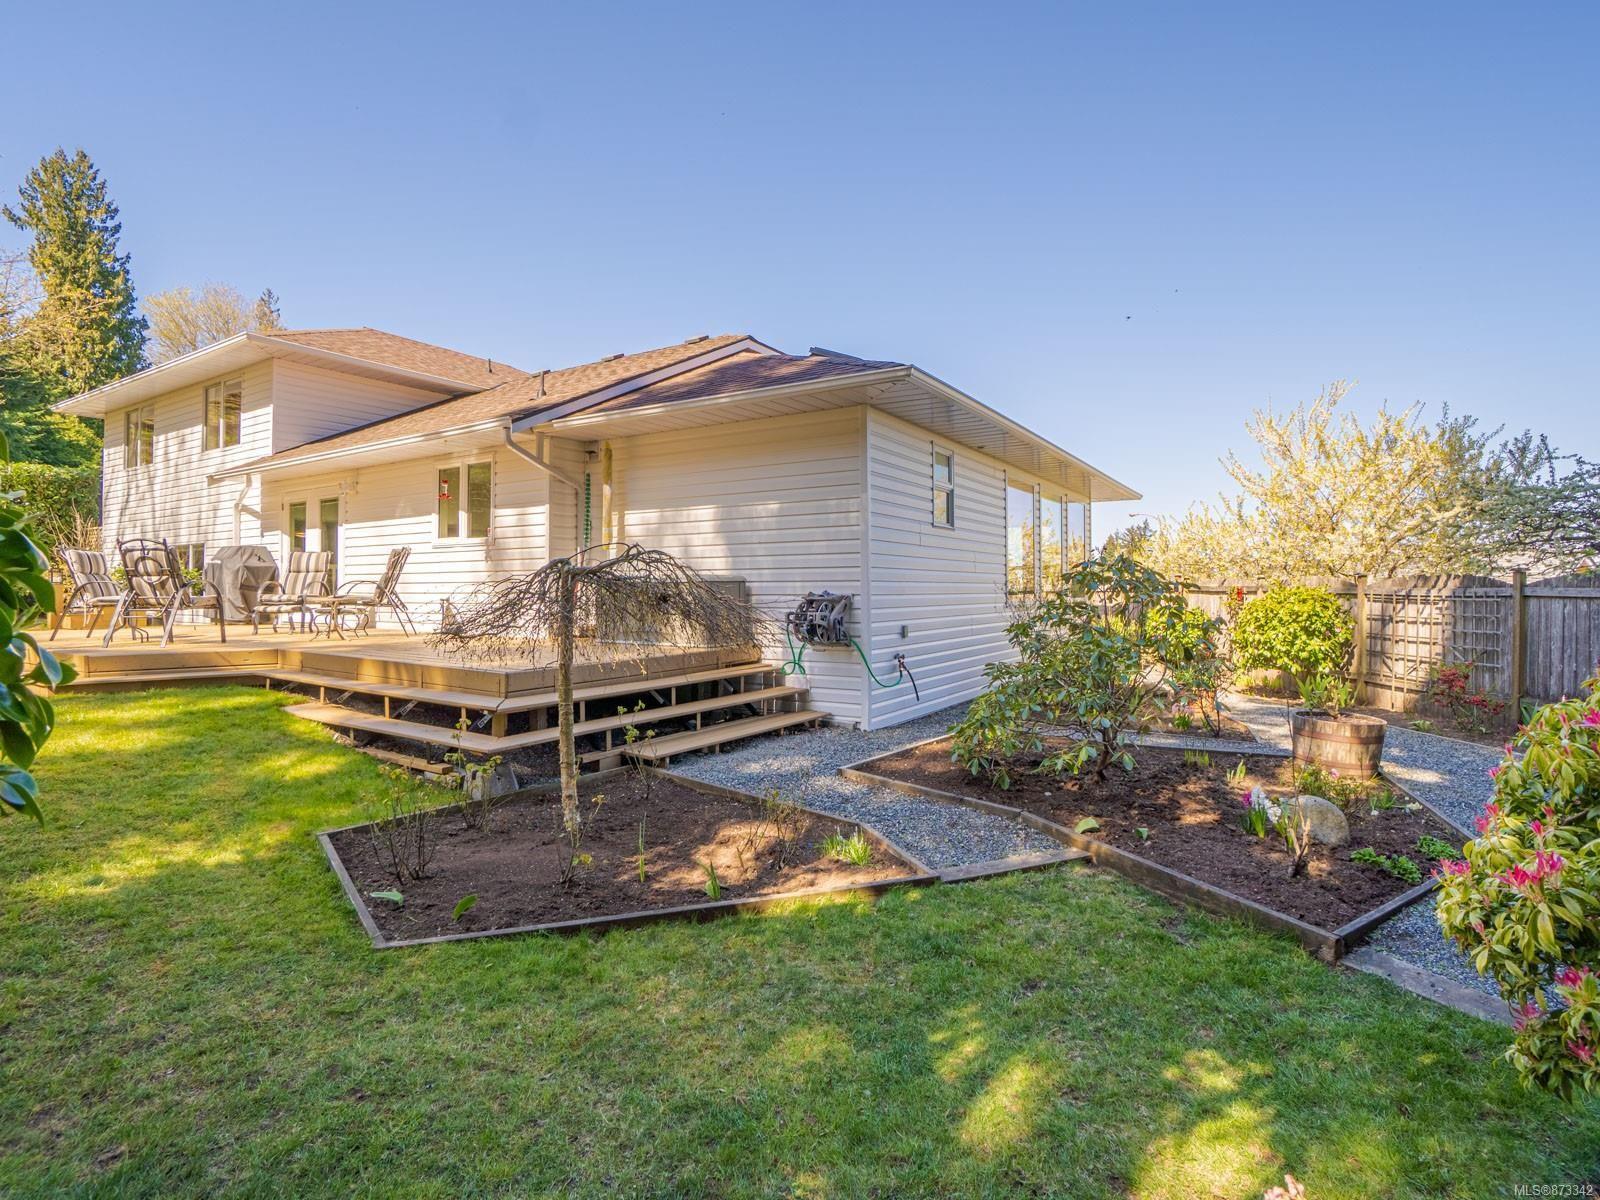 Photo 9: Photos: 5294 Catalina Dr in : Na North Nanaimo House for sale (Nanaimo)  : MLS®# 873342